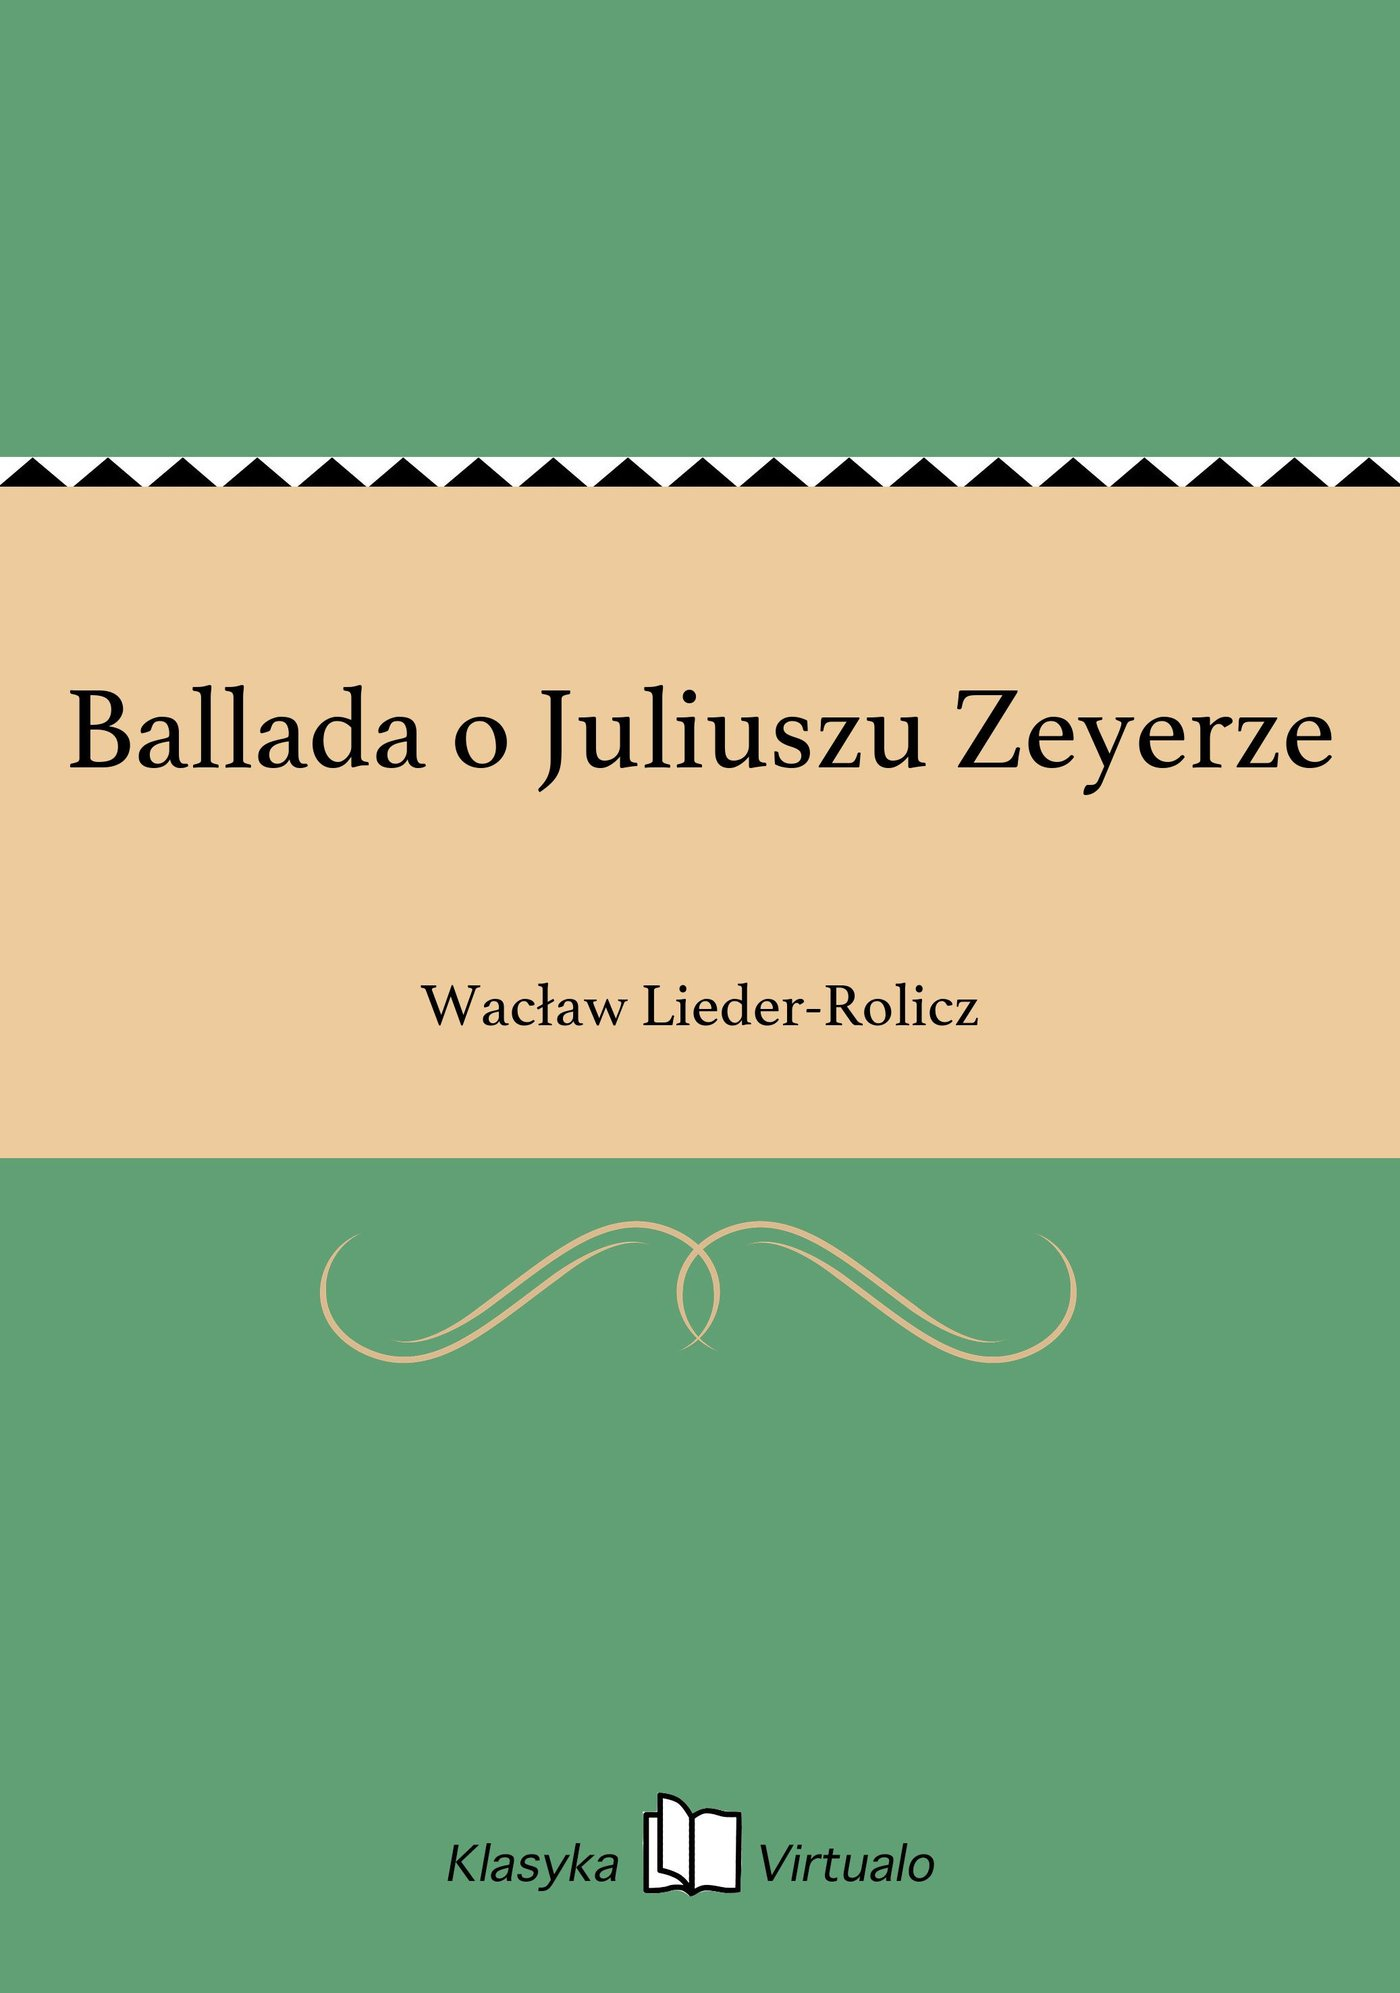 Ballada o Juliuszu Zeyerze - Ebook (Książka na Kindle) do pobrania w formacie MOBI